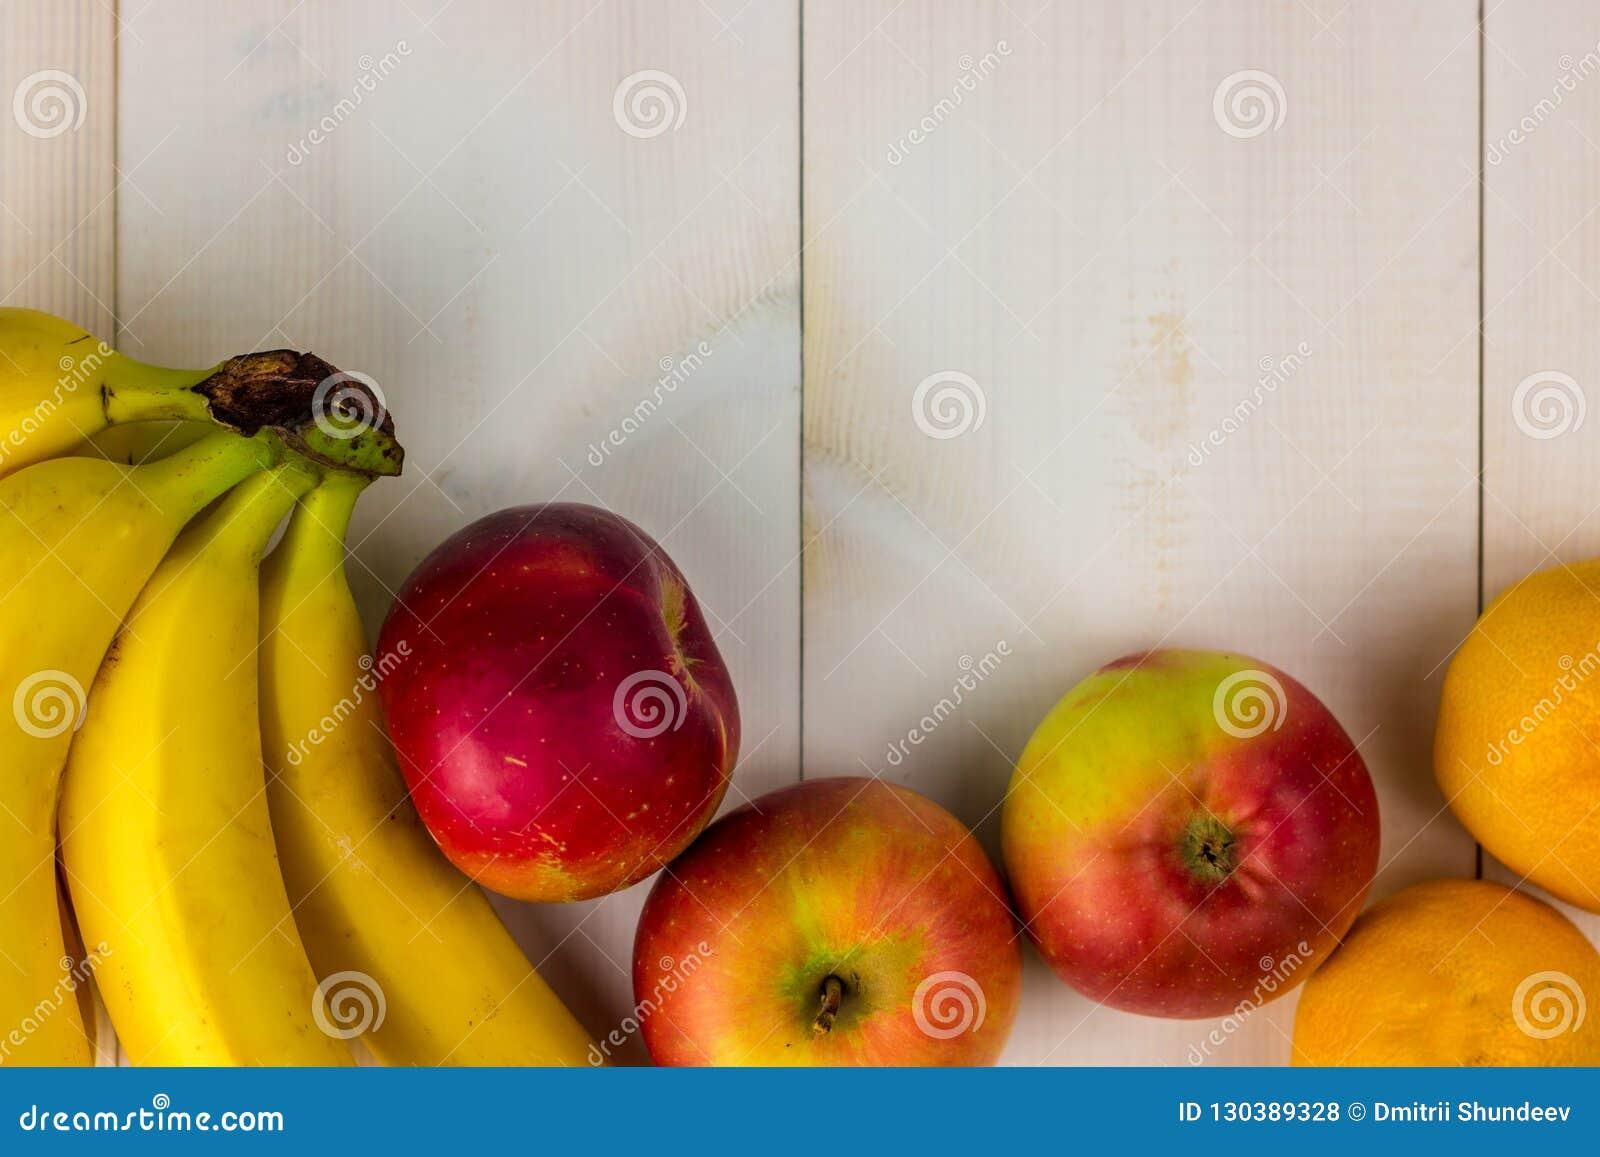 SZTANDAR, Długiego formata Kolorowe owoc na białym drewnianym stole, banany, carambola, mango, melonowiec, mandarynka, bliźniarka